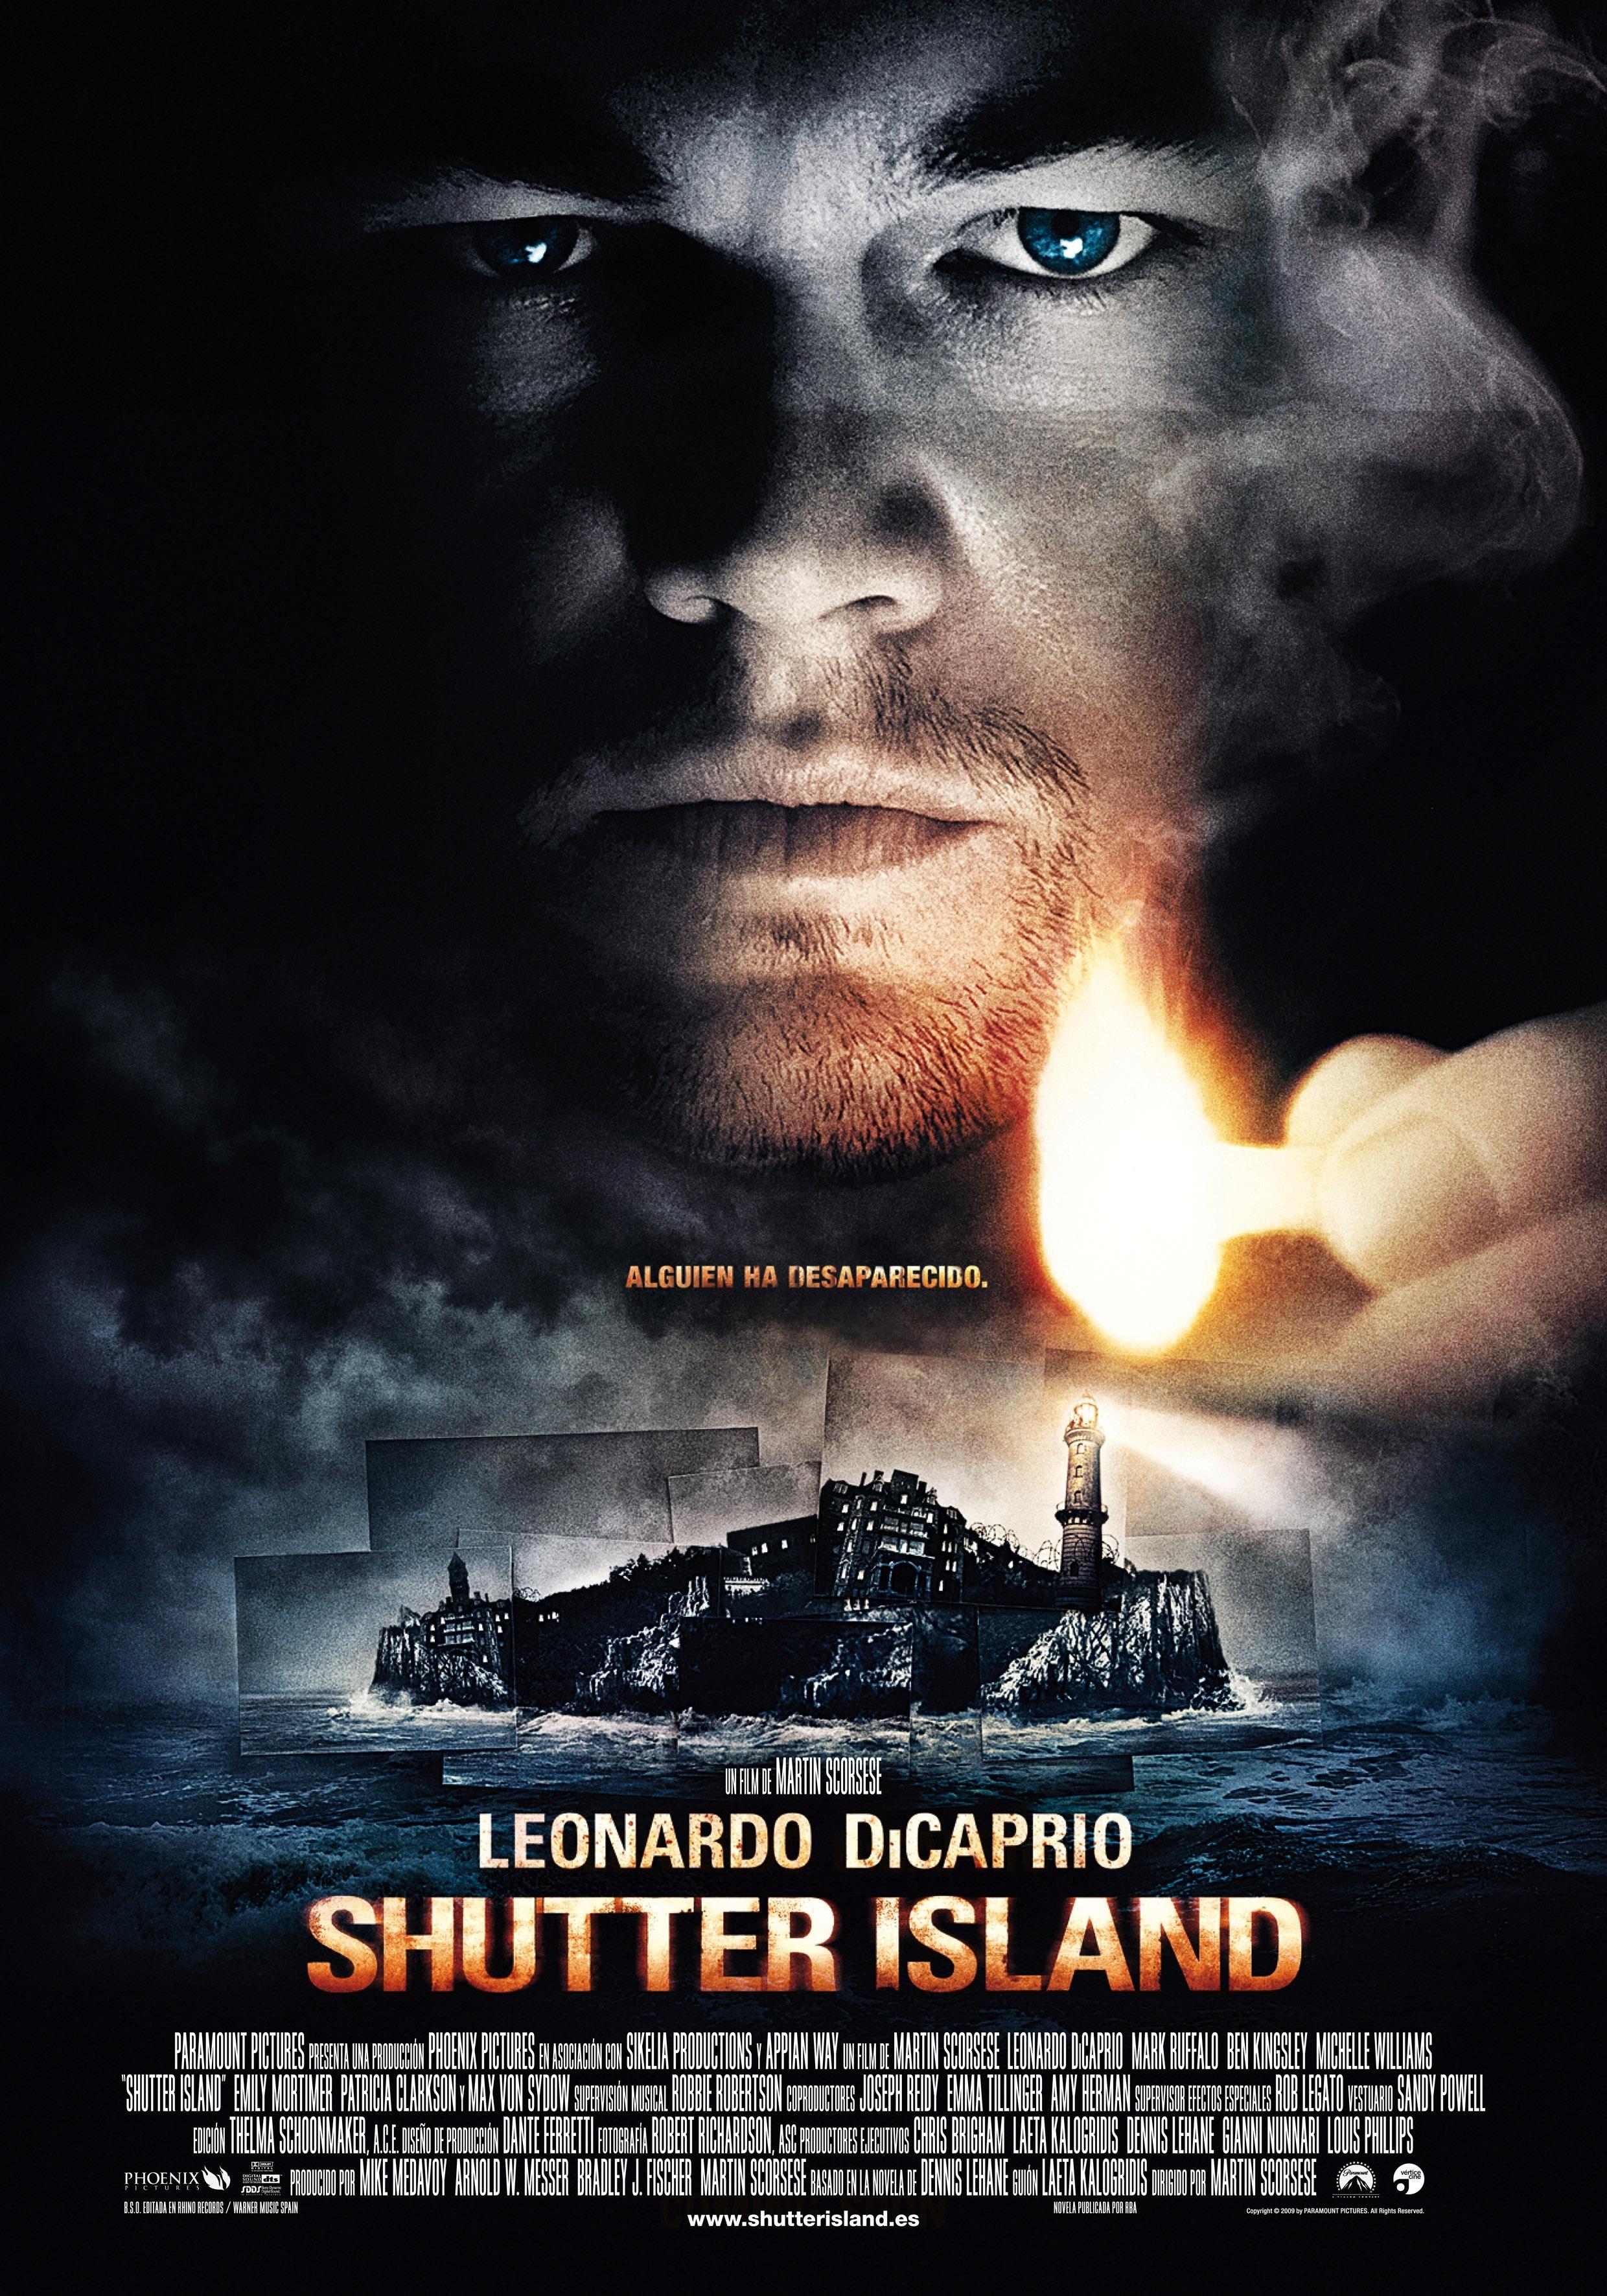 Cartel de Shutter island